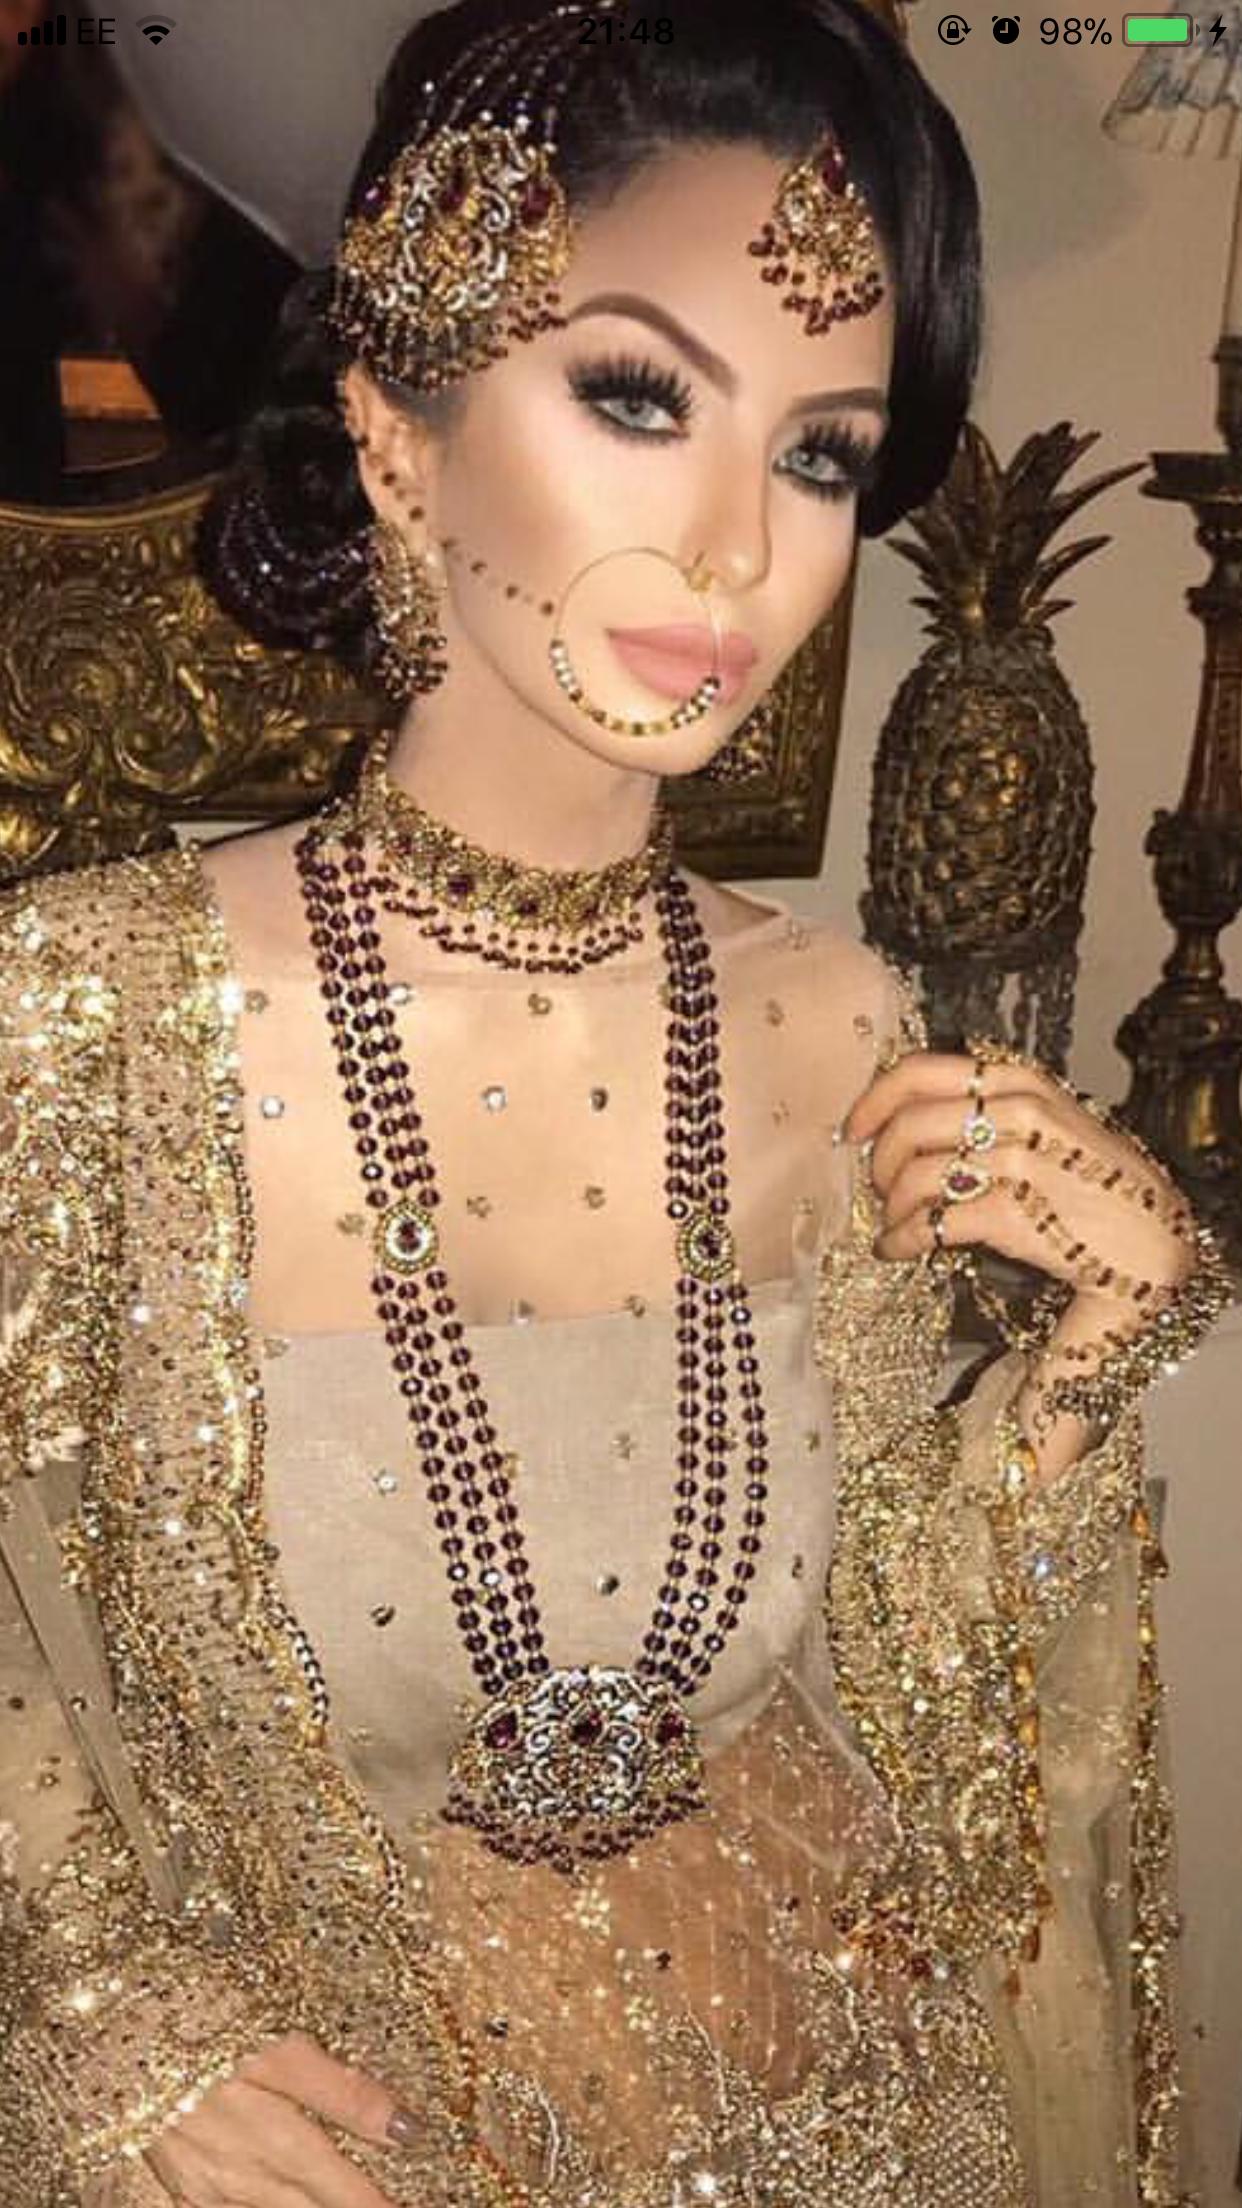 ριηтєяєѕт: @missm_h | makeup in 2019 | pakistani bridal